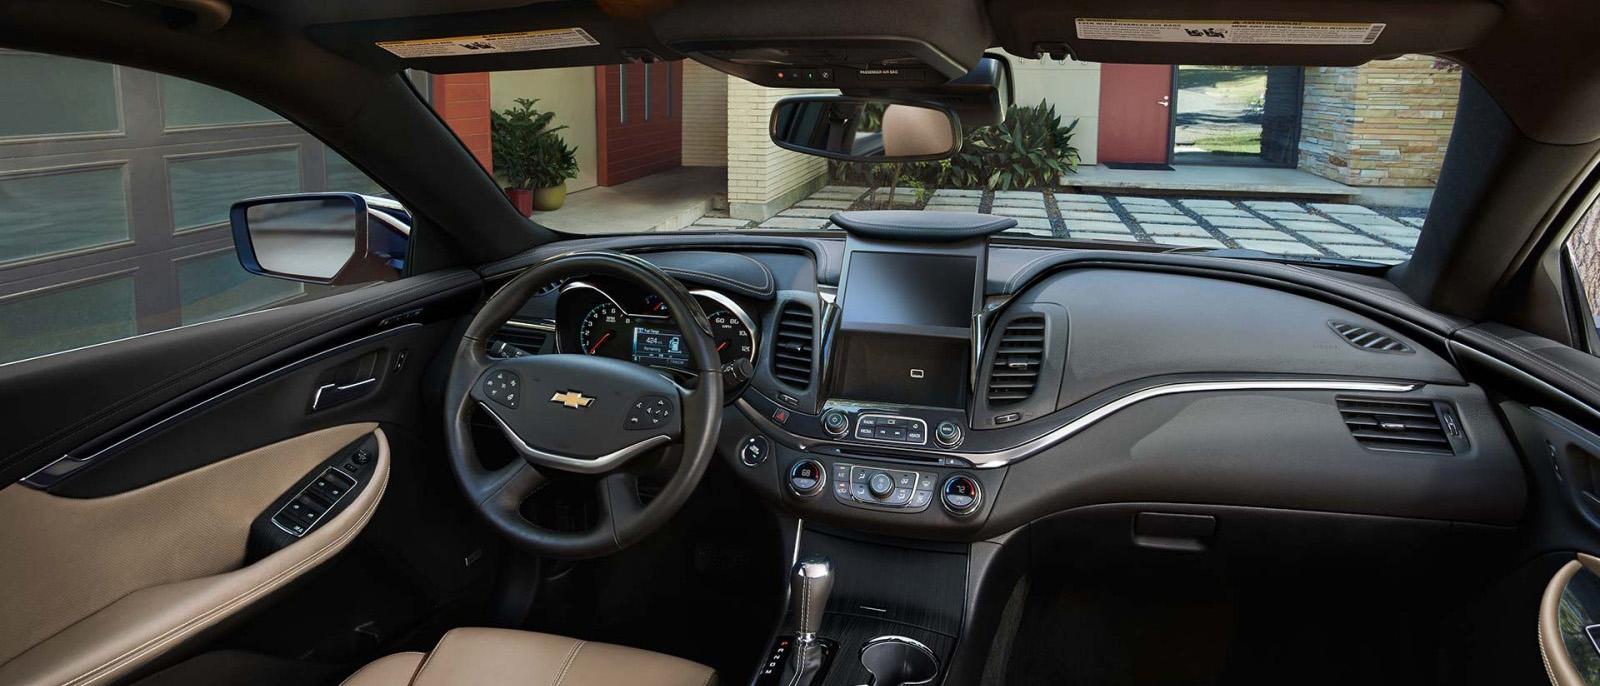 2017 Chevrolet Impala at Tom Gill Chevrolet